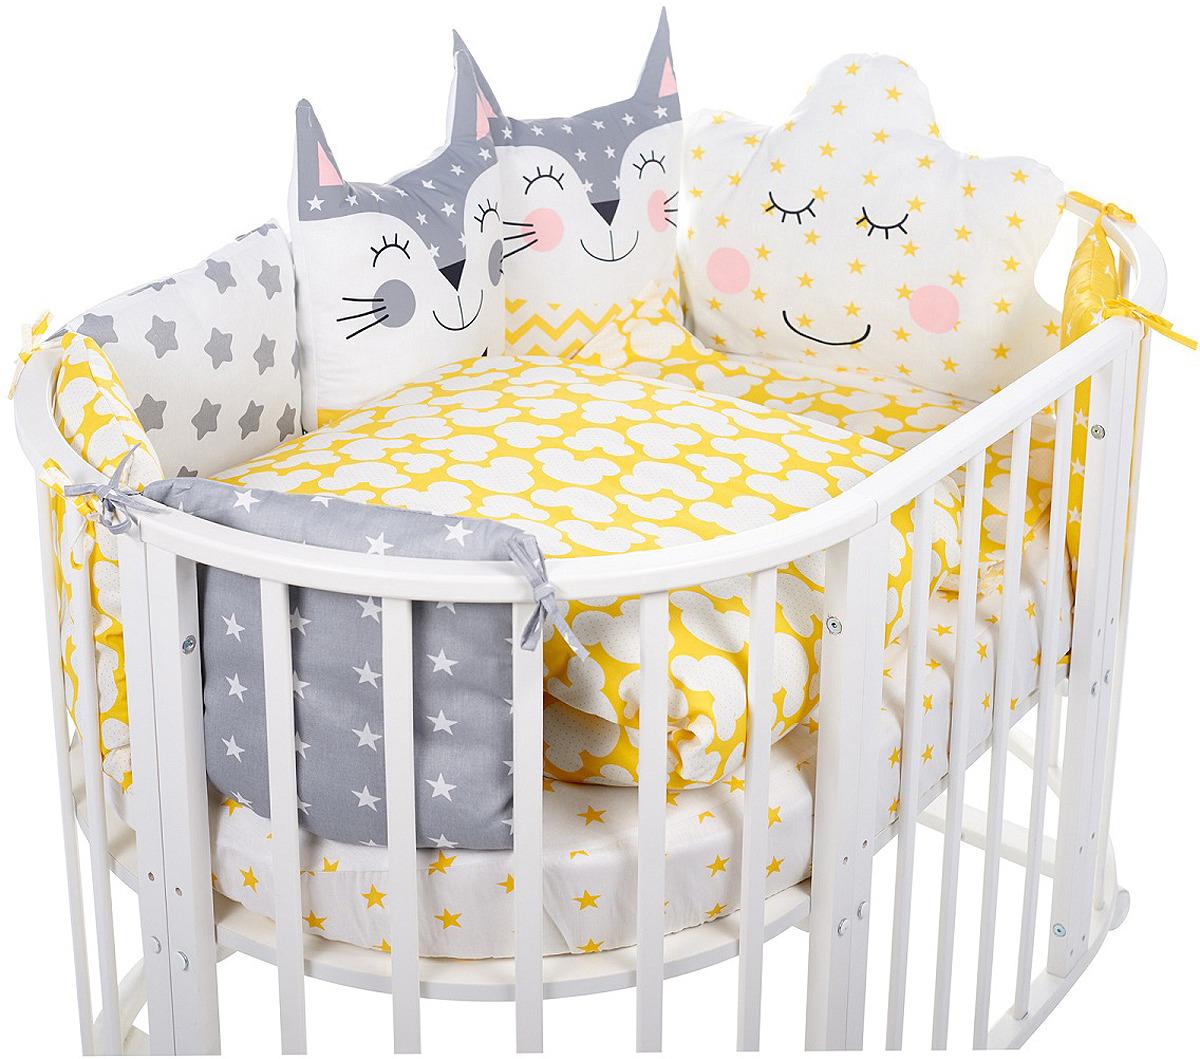 Комплект в кроватку Sweet Baby Gioia Giallo, 423286, желтый, 5 предметов